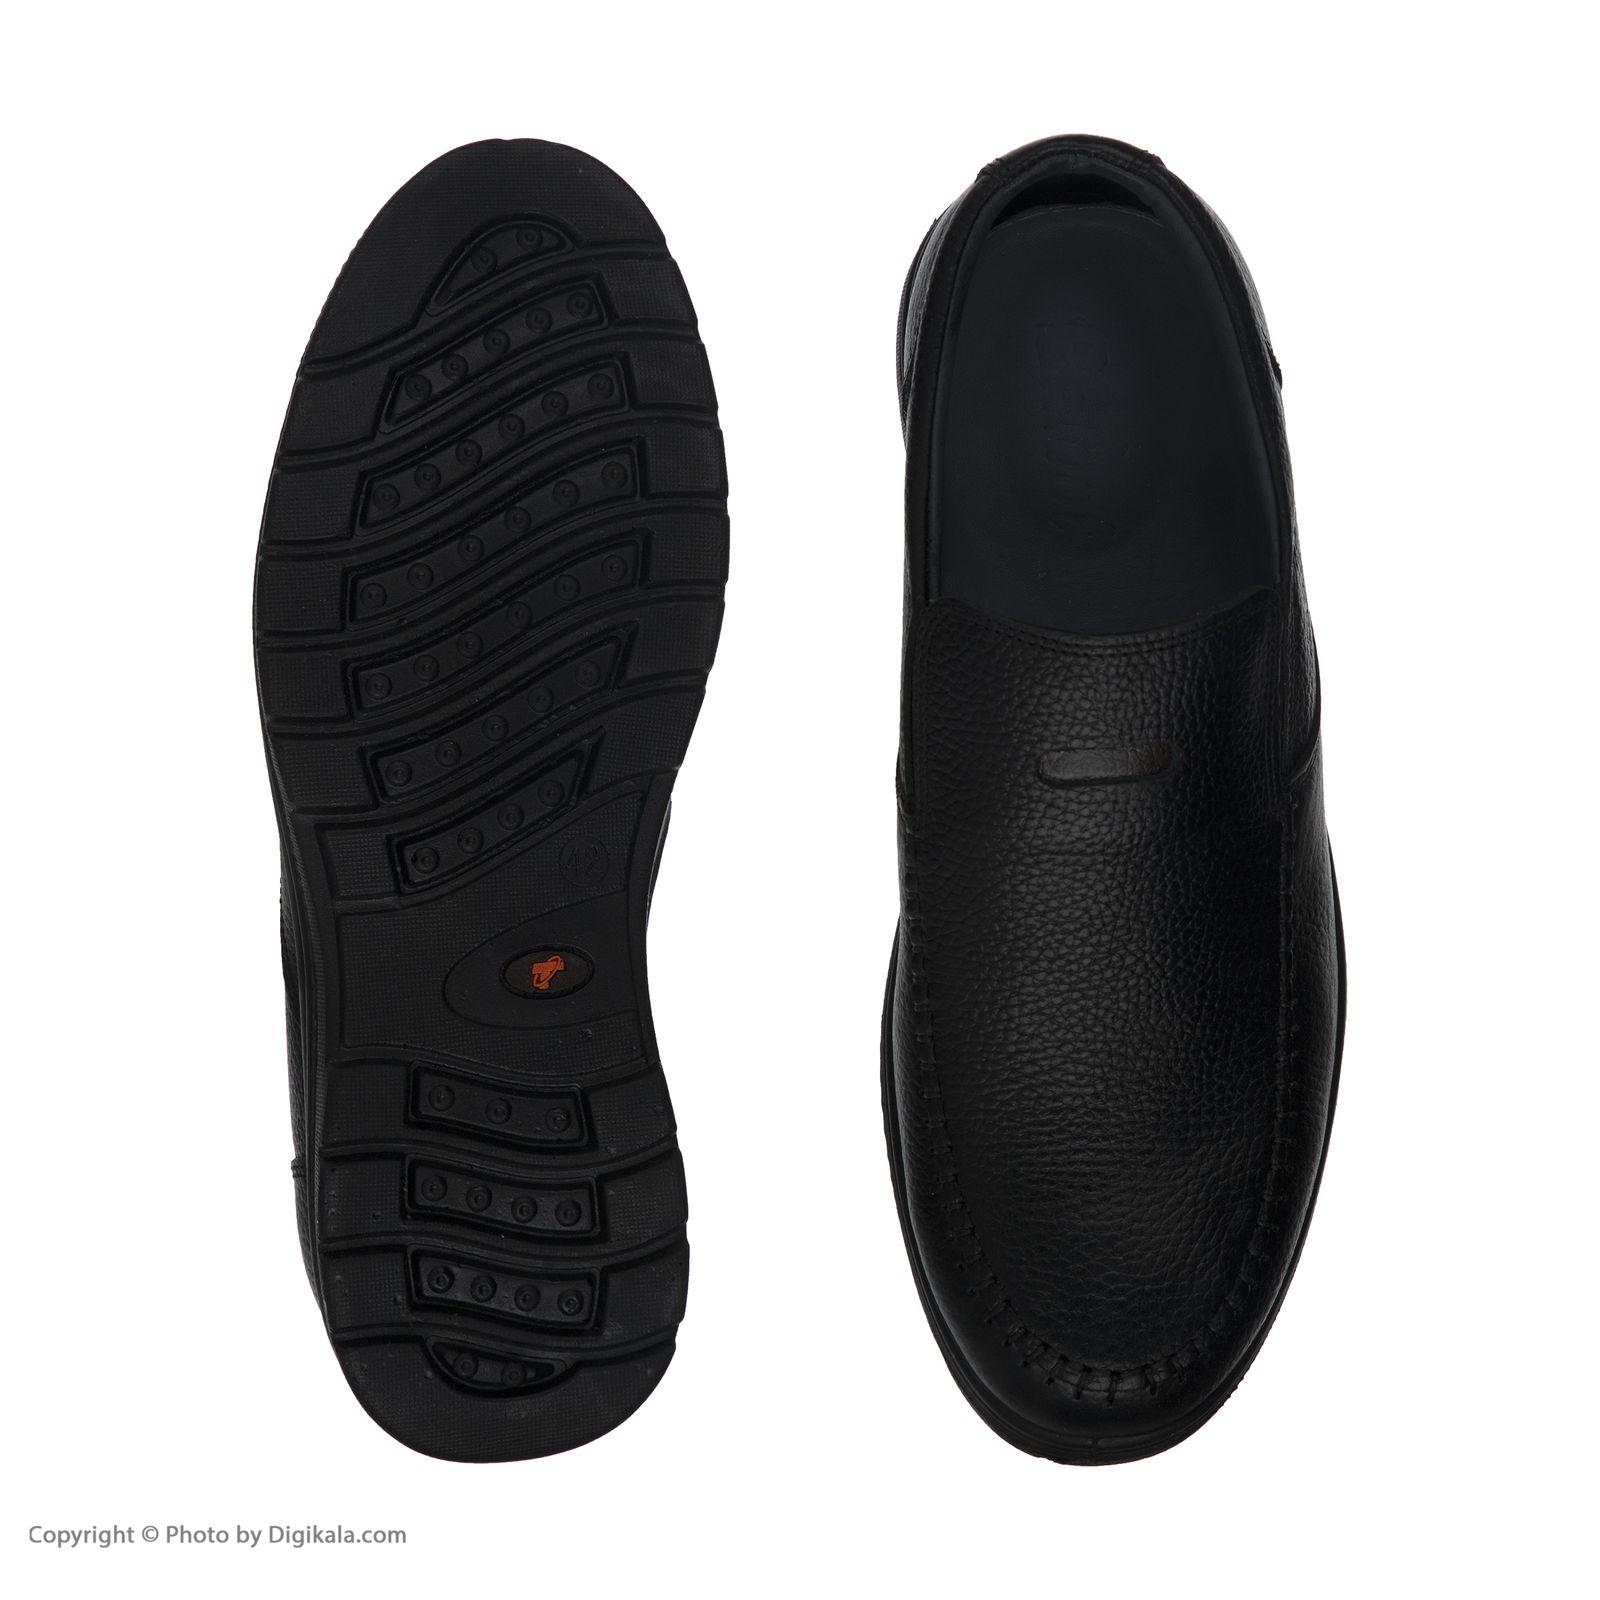 کفش روزمره مردانه بلوط مدل 7291A503101 -  - 4